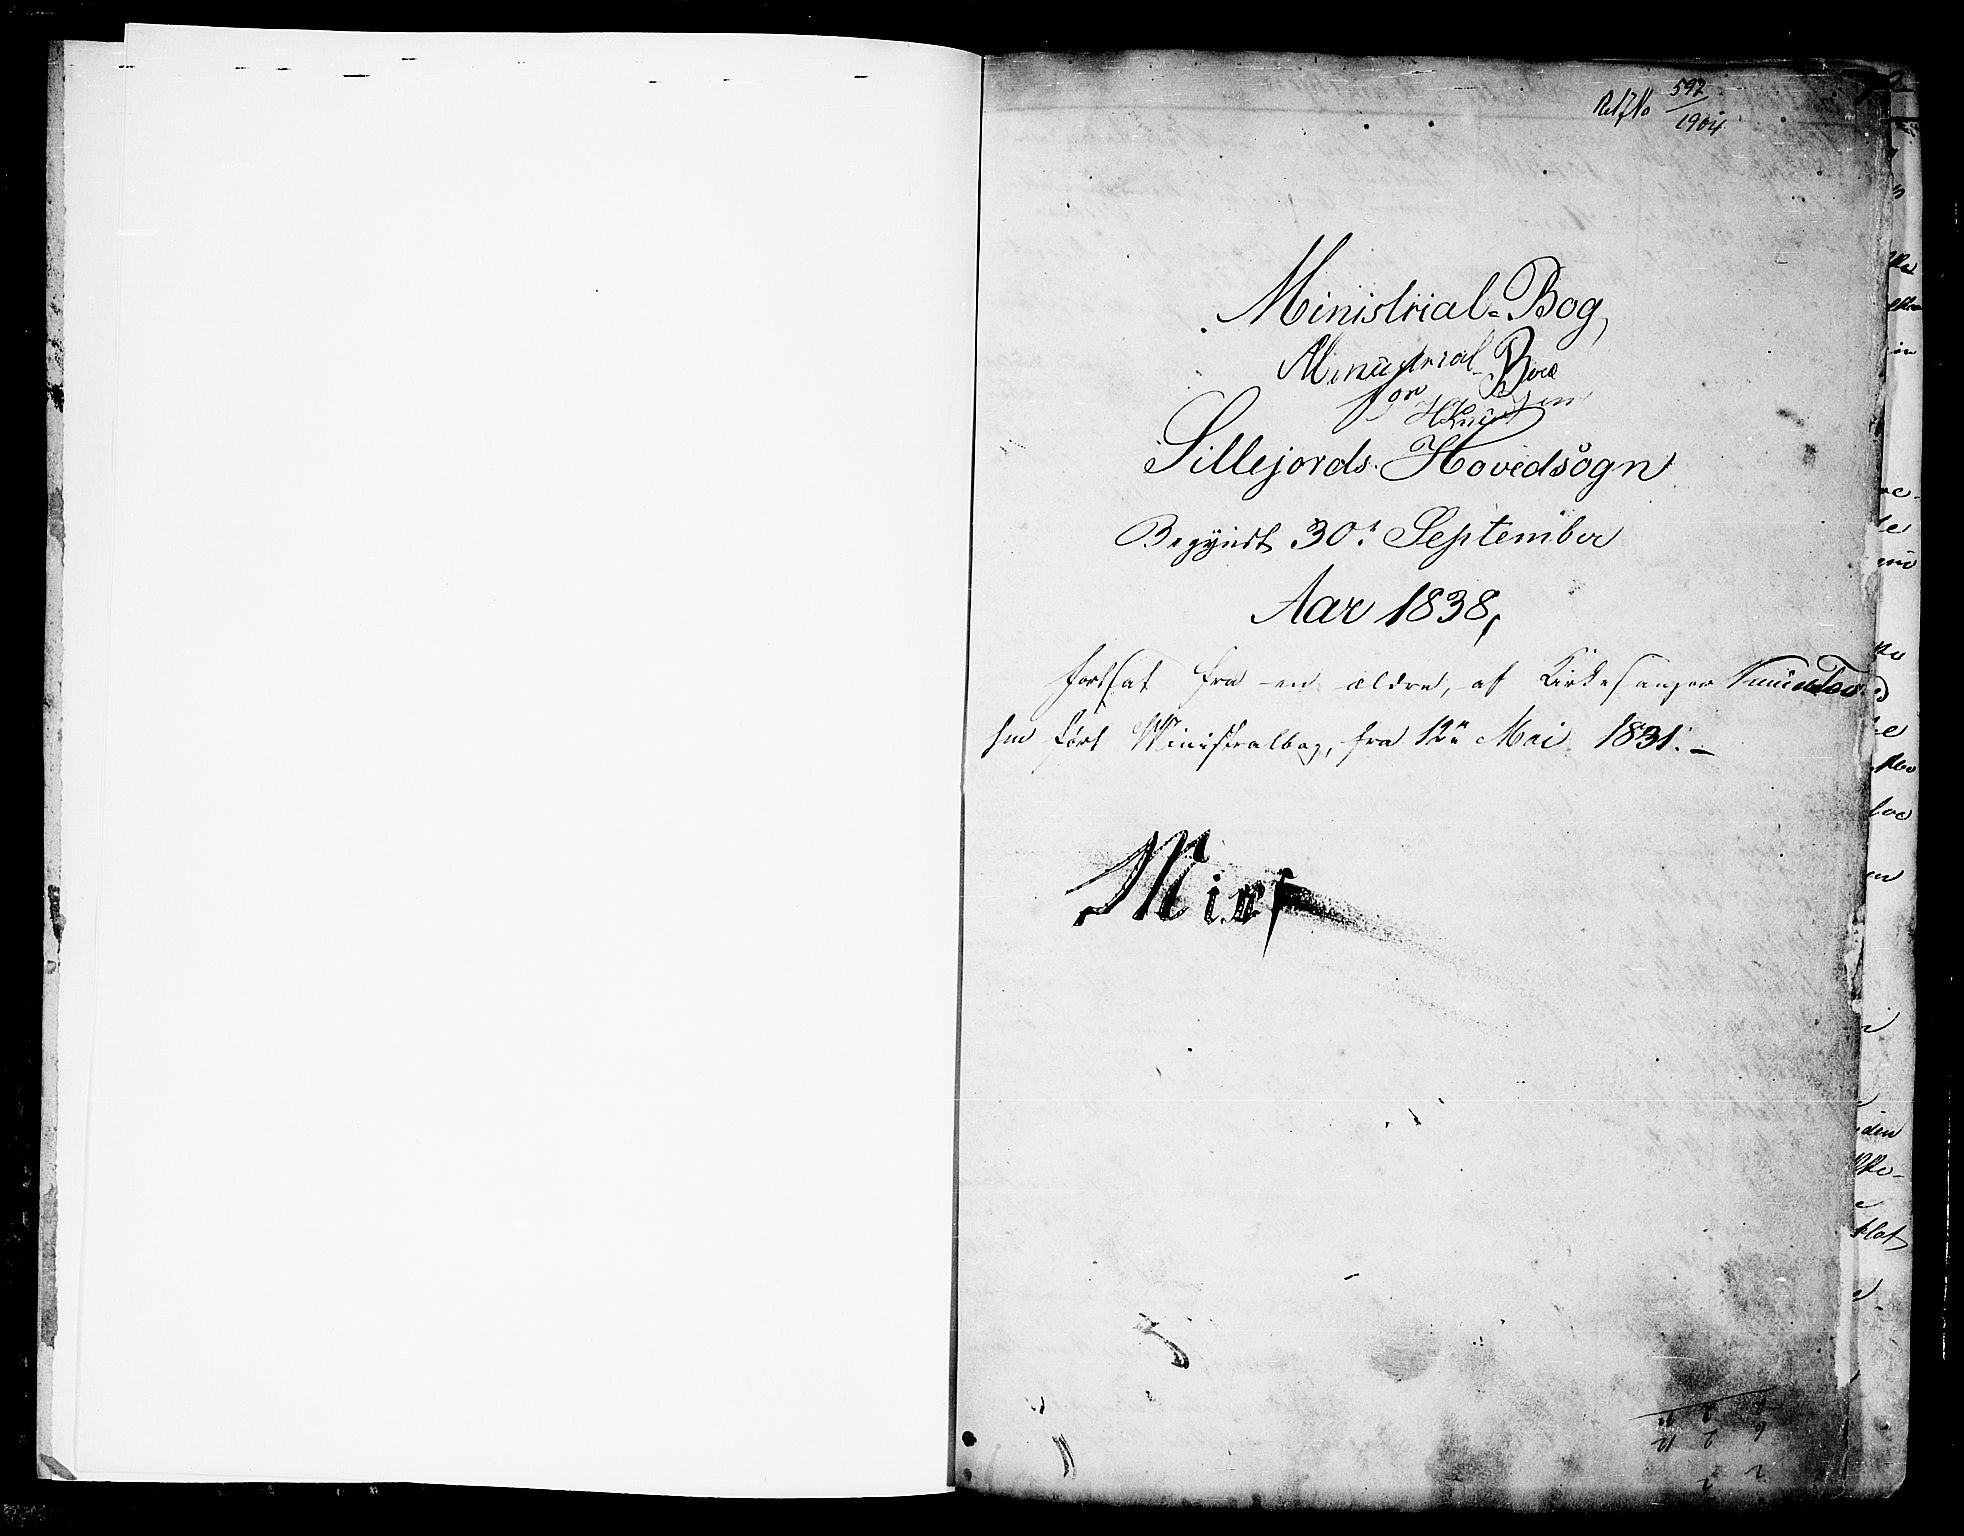 SAKO, Seljord kirkebøker, G/Ga/L0002: Klokkerbok nr. I 2, 1838-1866, s. 1